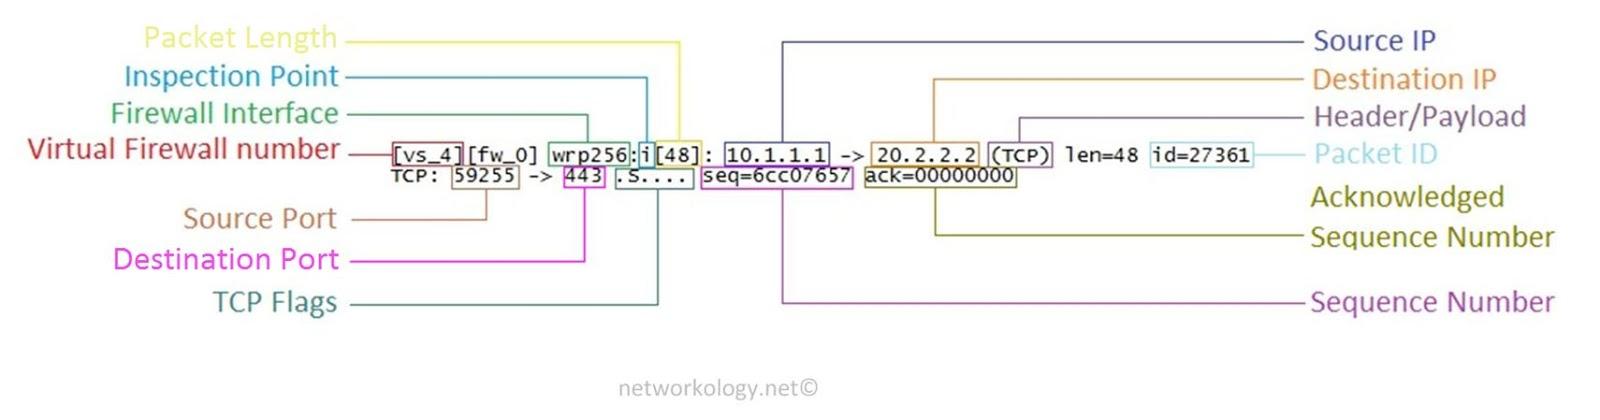 Dhansham - Engineer's Notebook Checkpoint Firewalls Gaia